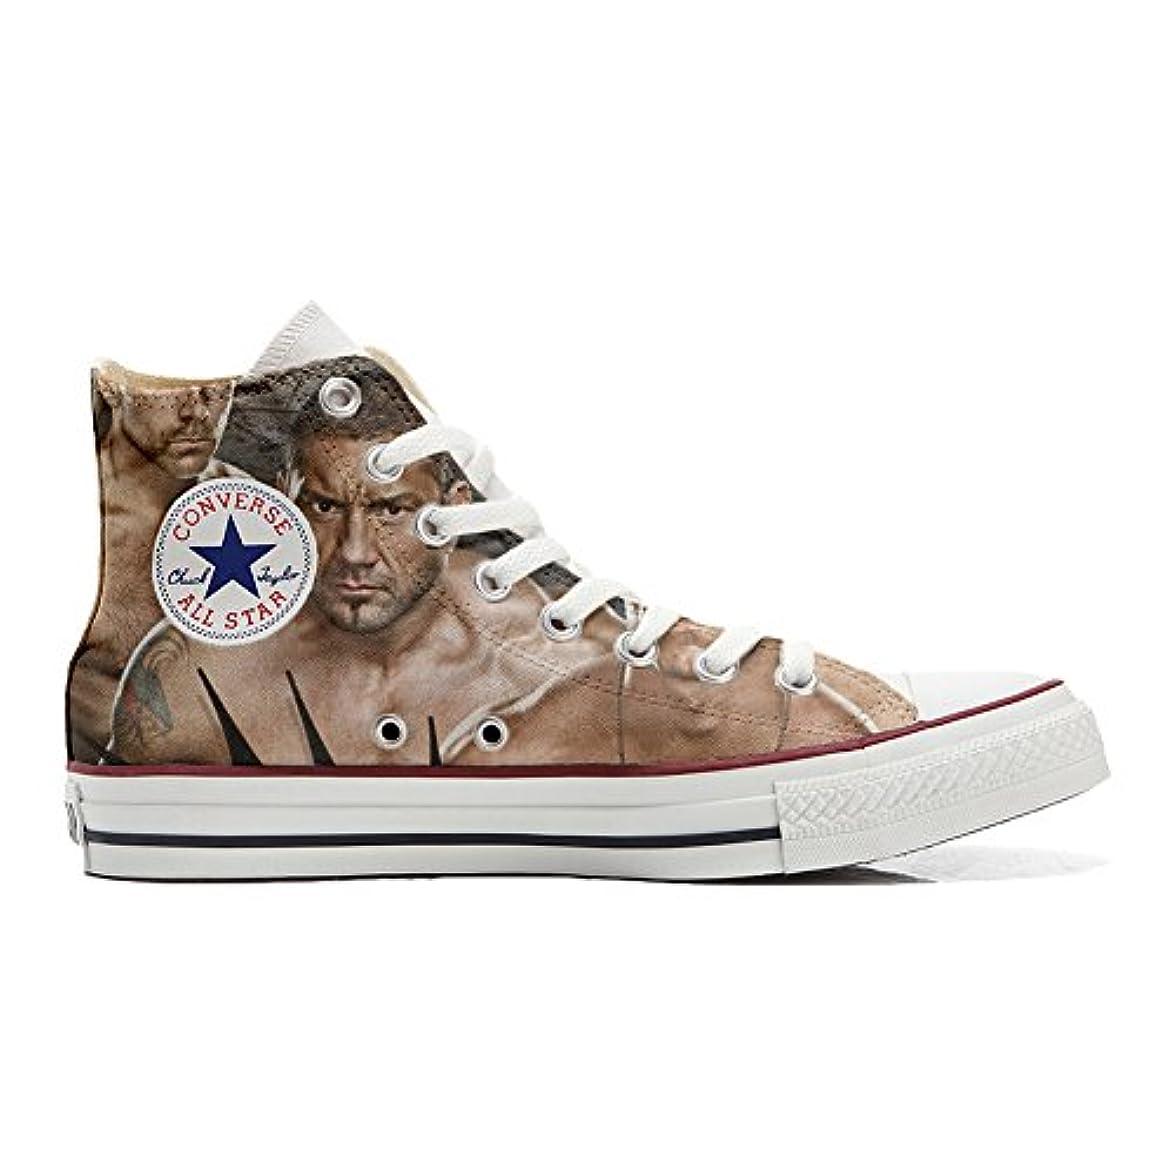 Personalizzate Converse Wrestling Star Scarpe Artigianali Wwe scarpe All Alte